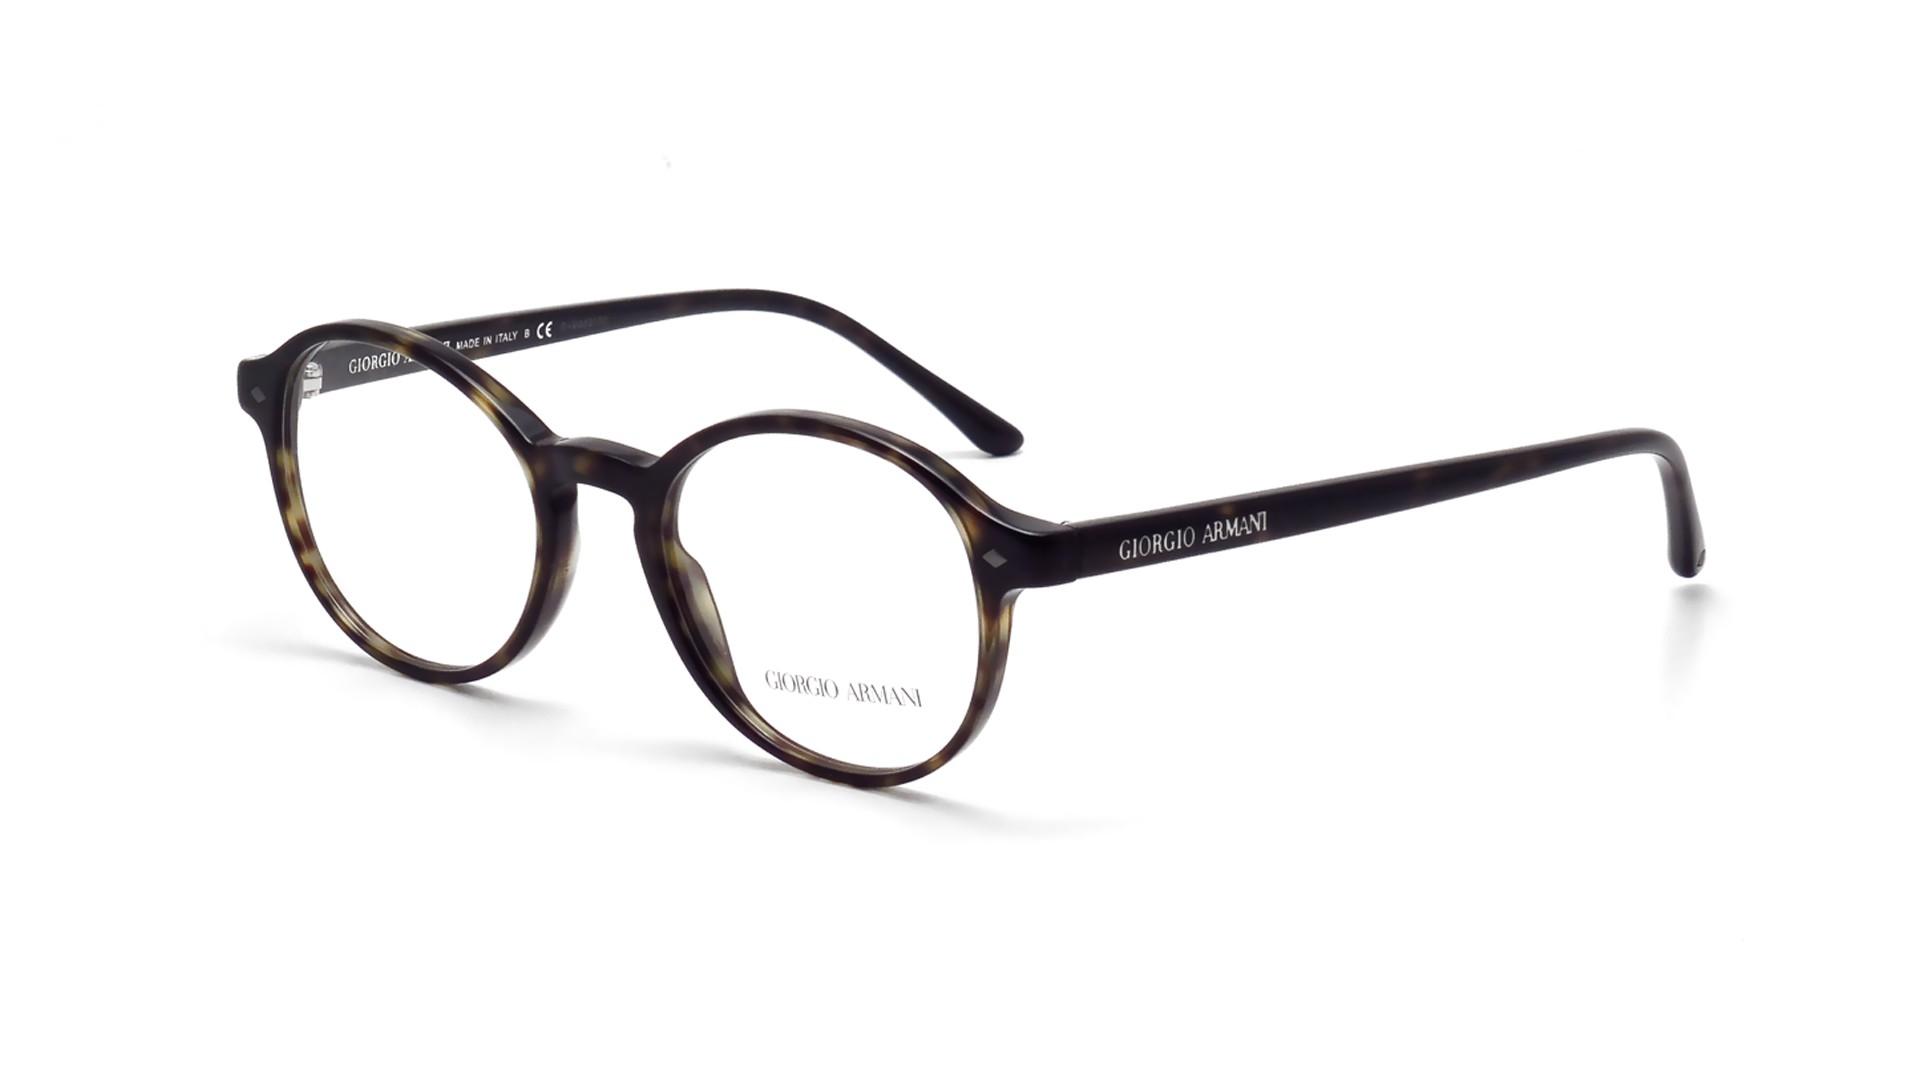 Giorgio Armani Glasses Frames Of Life : Giorgio Armani Frames of Life Tortoise AR7004 5026 49-19 ...